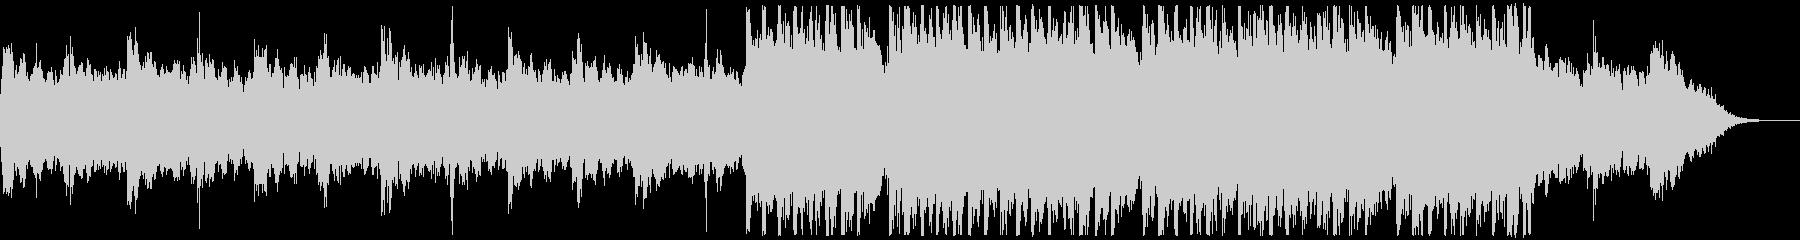 背景音 サスペンス 4の未再生の波形